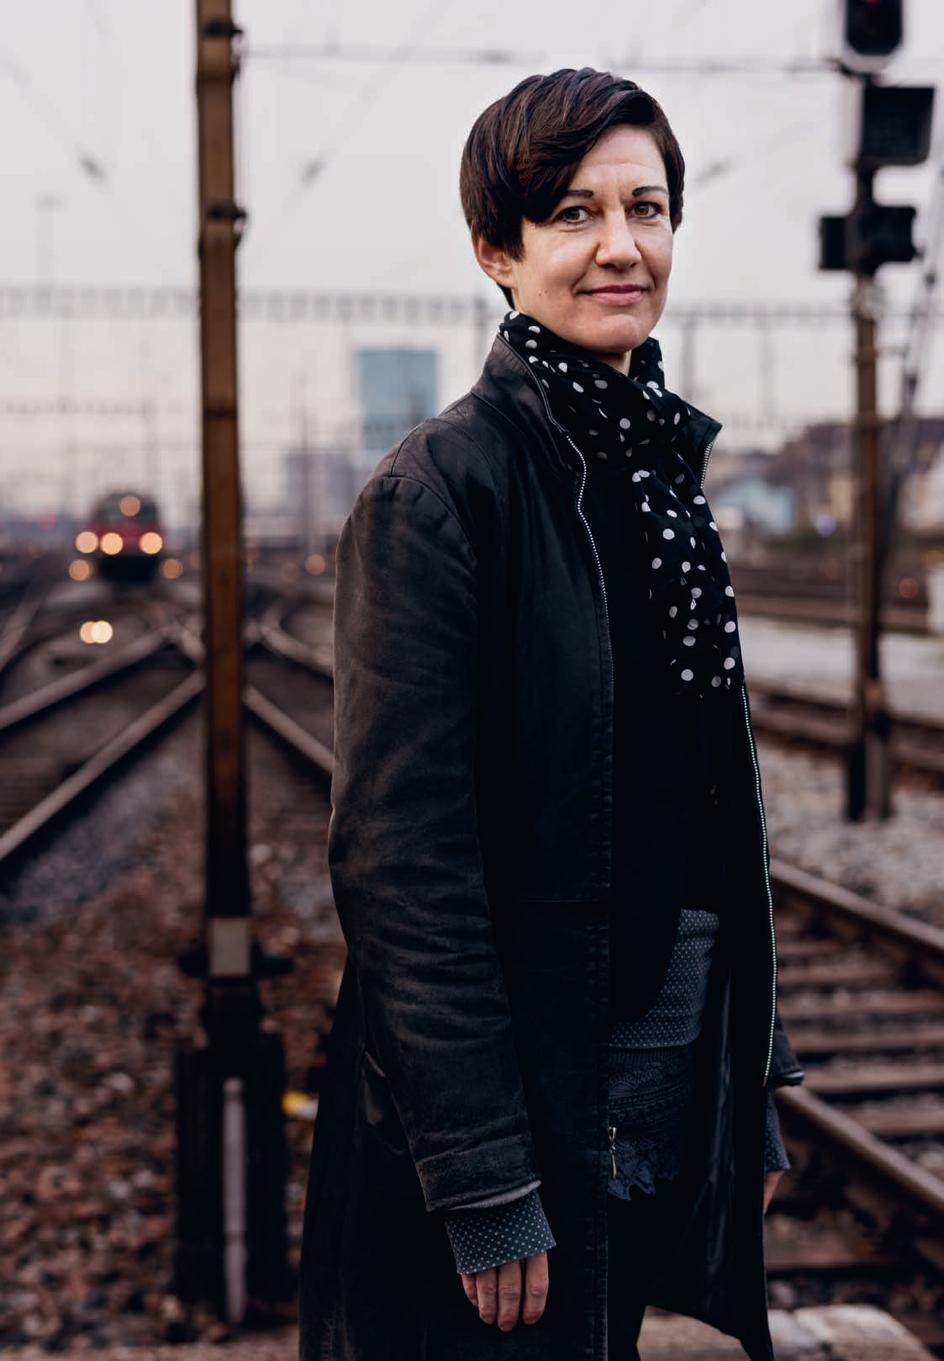 Daria Martinoni